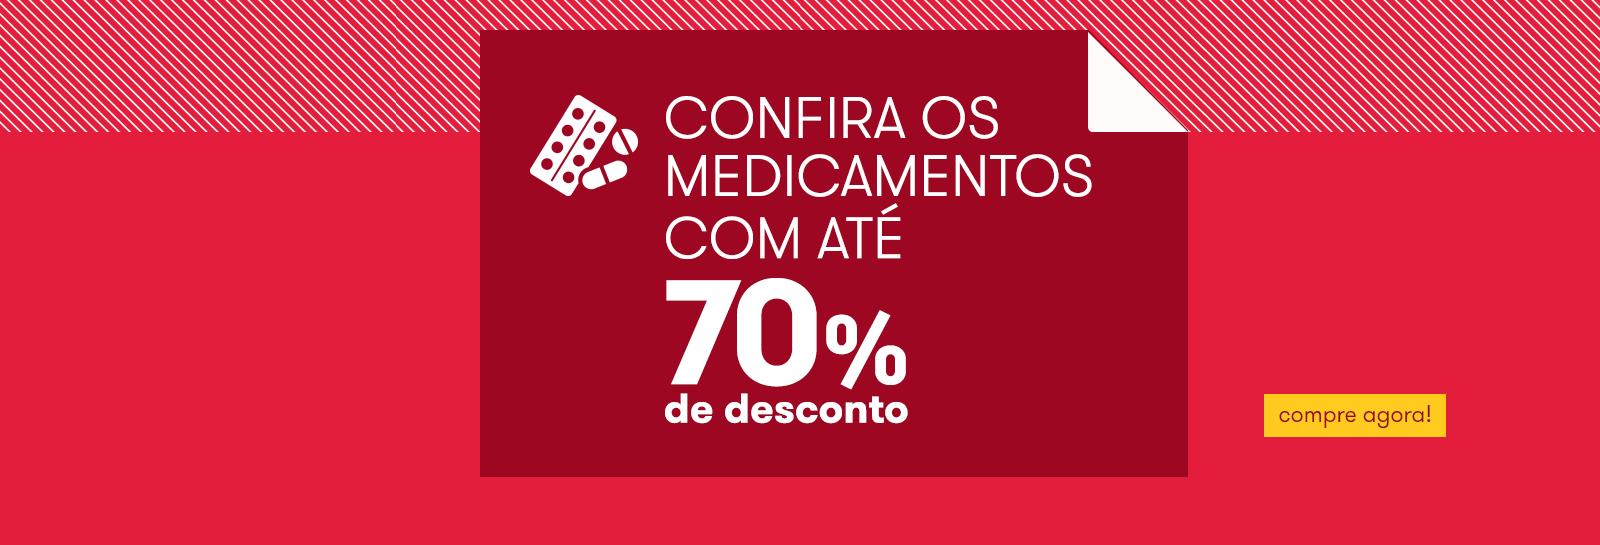 Medicamentos_70off